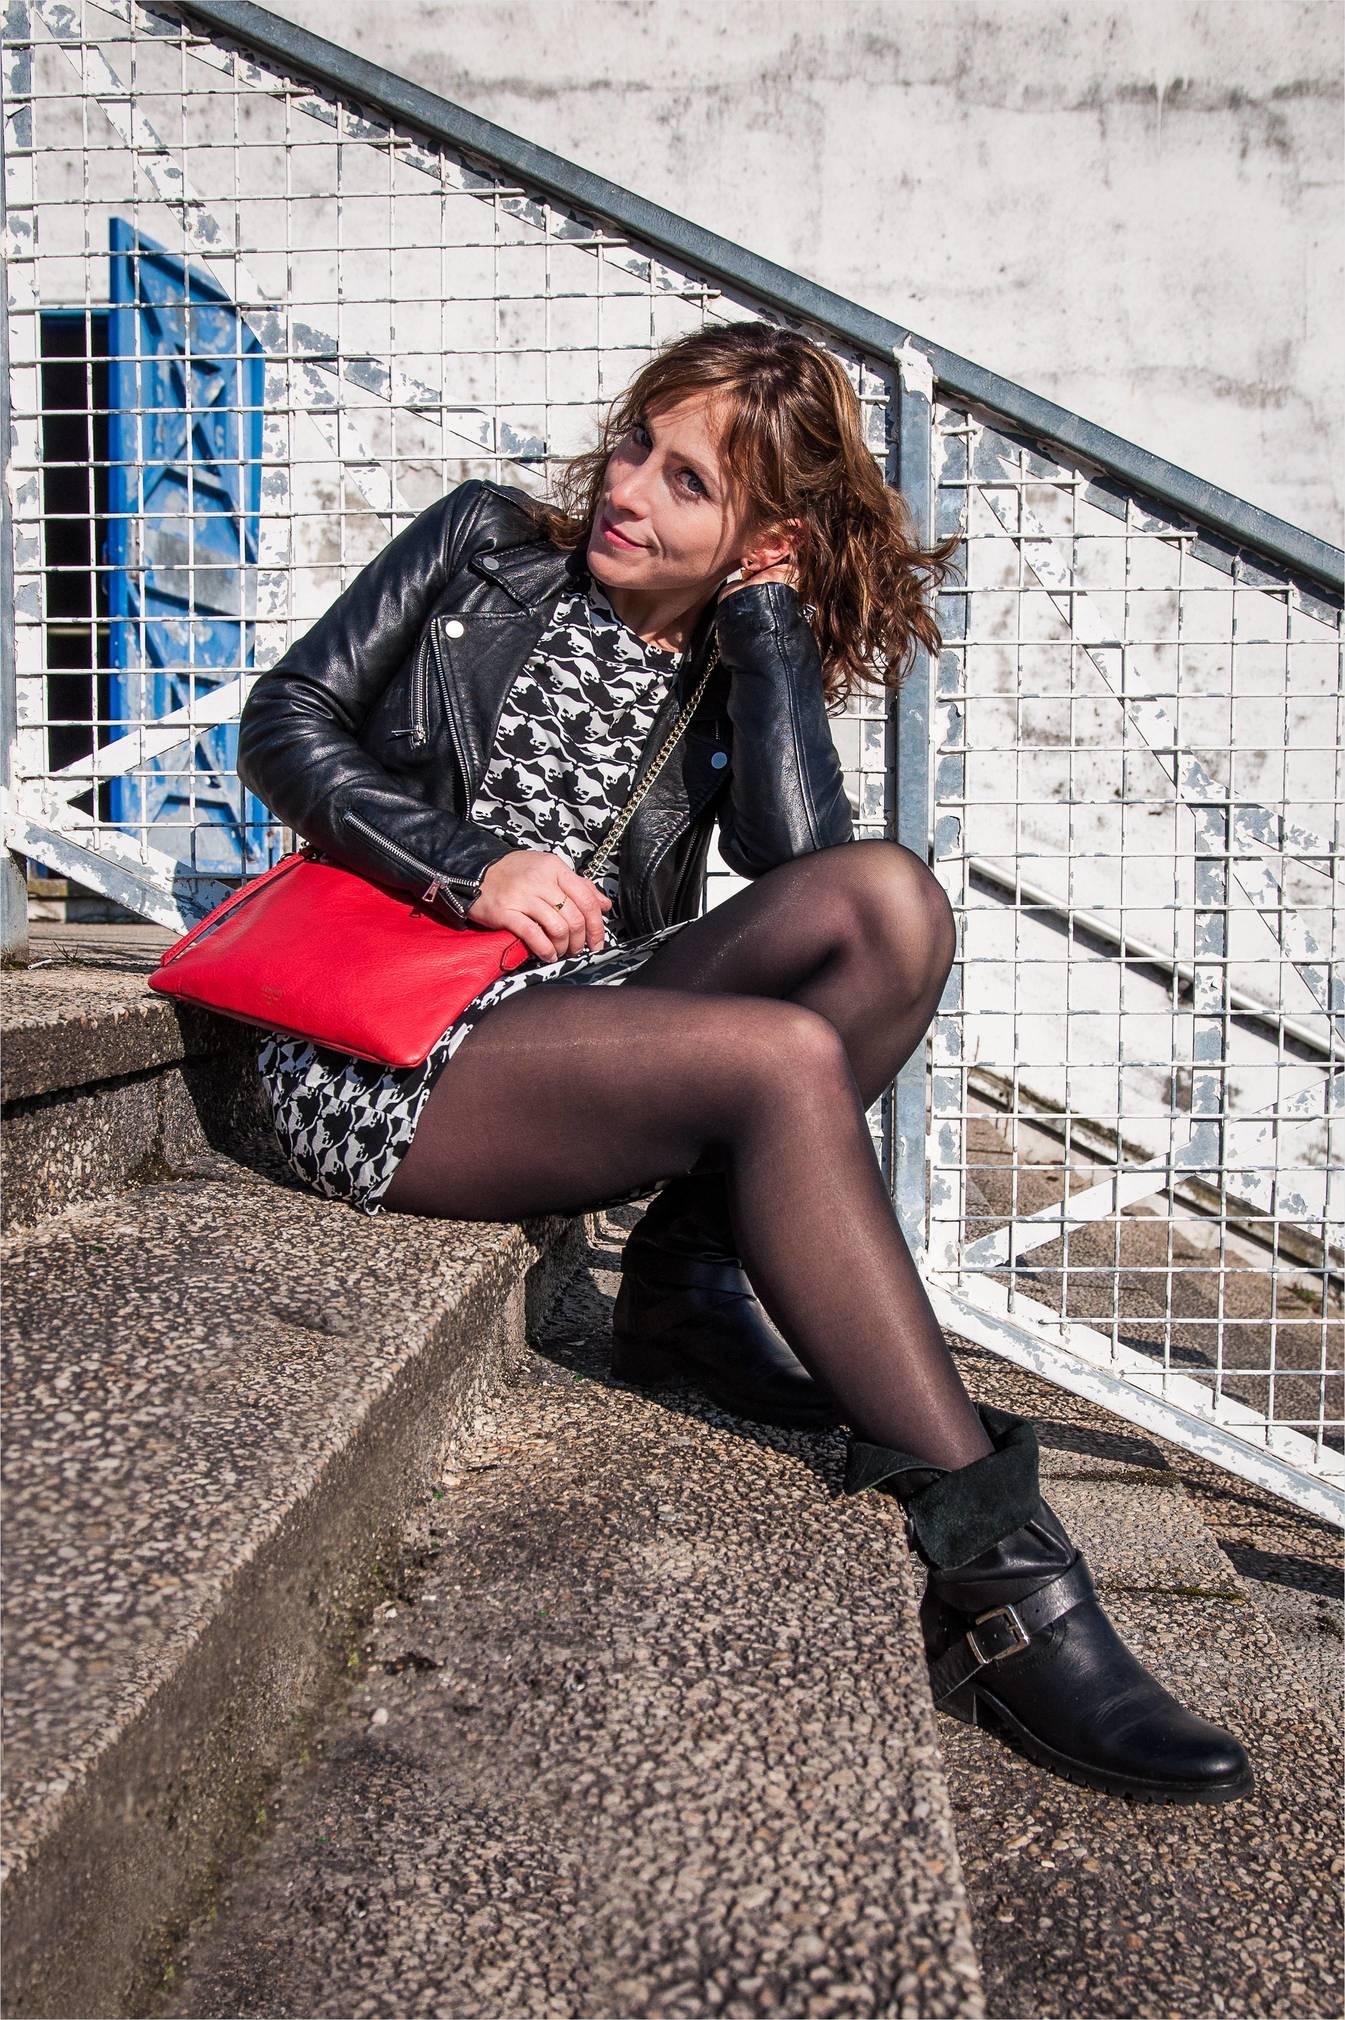 fbe42893a95 comment être élégante en boots cet hiver - blog mode Paris